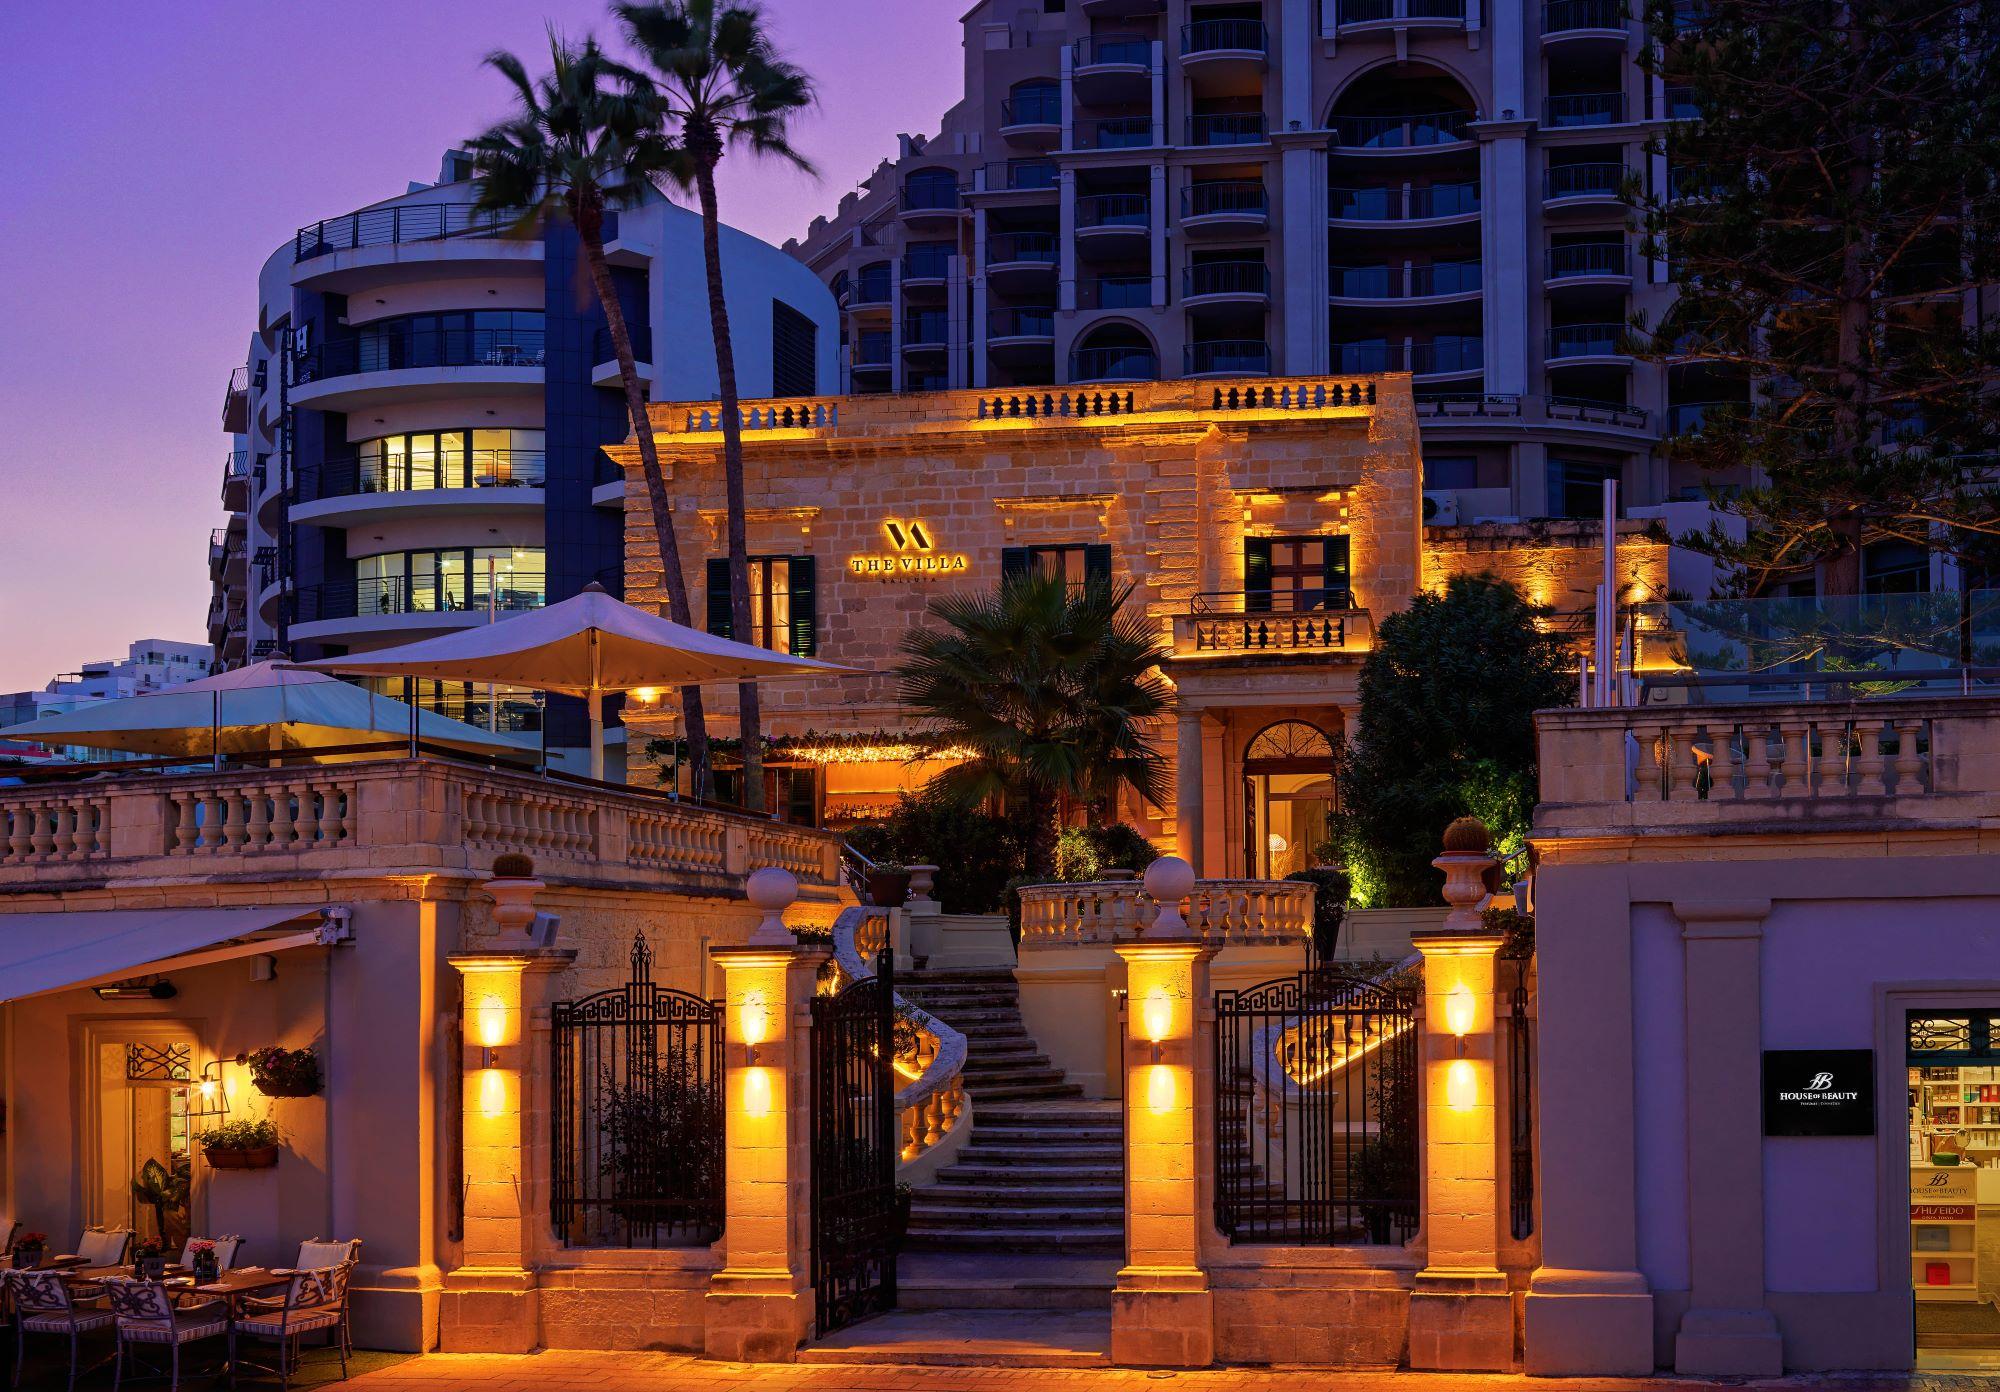 Marriott Malta Villa restaurant street view